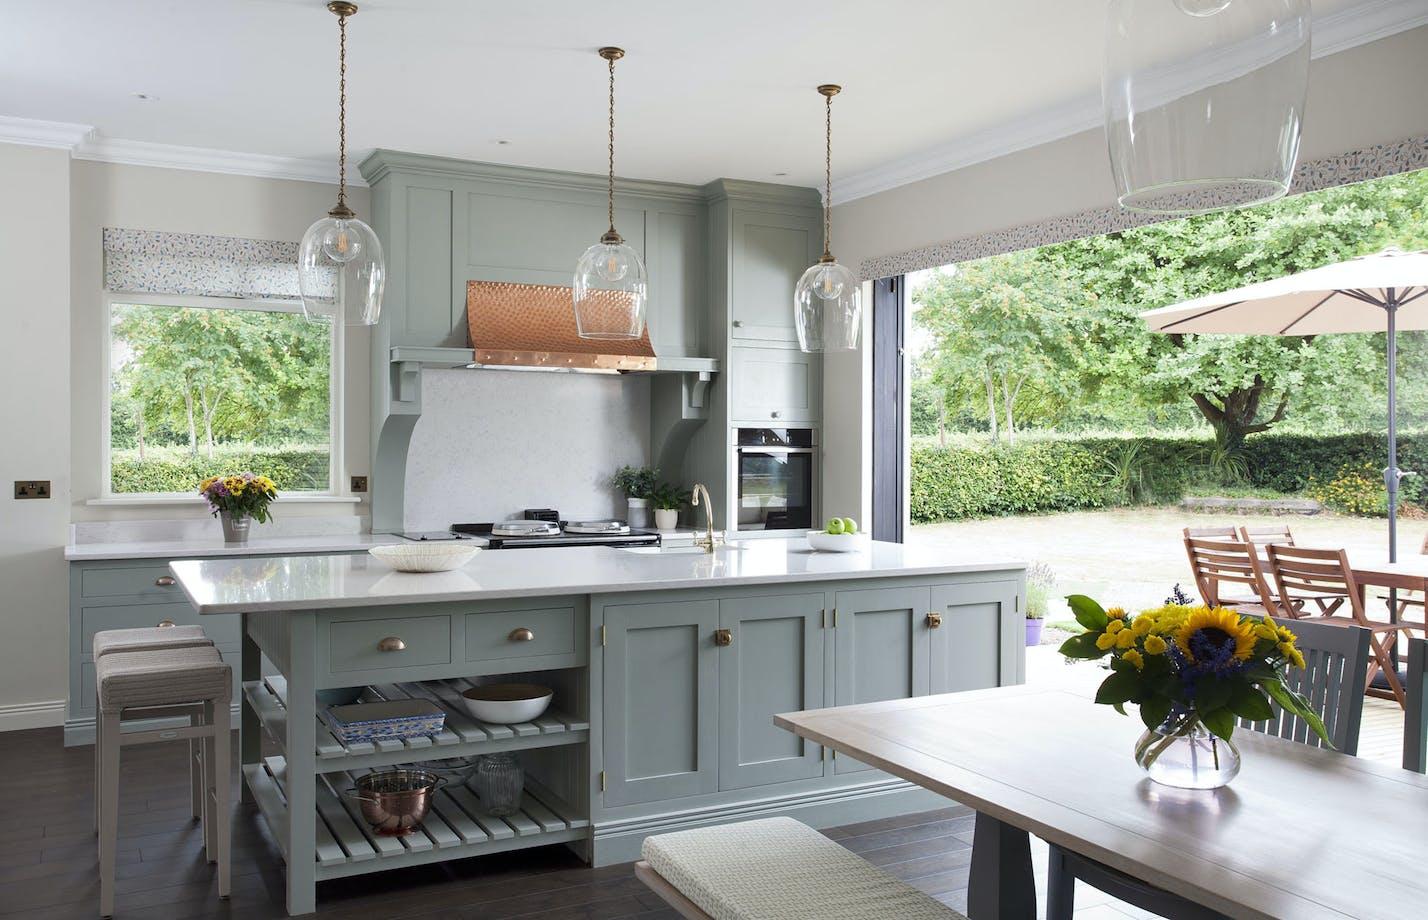 Shalford Open Kitchen